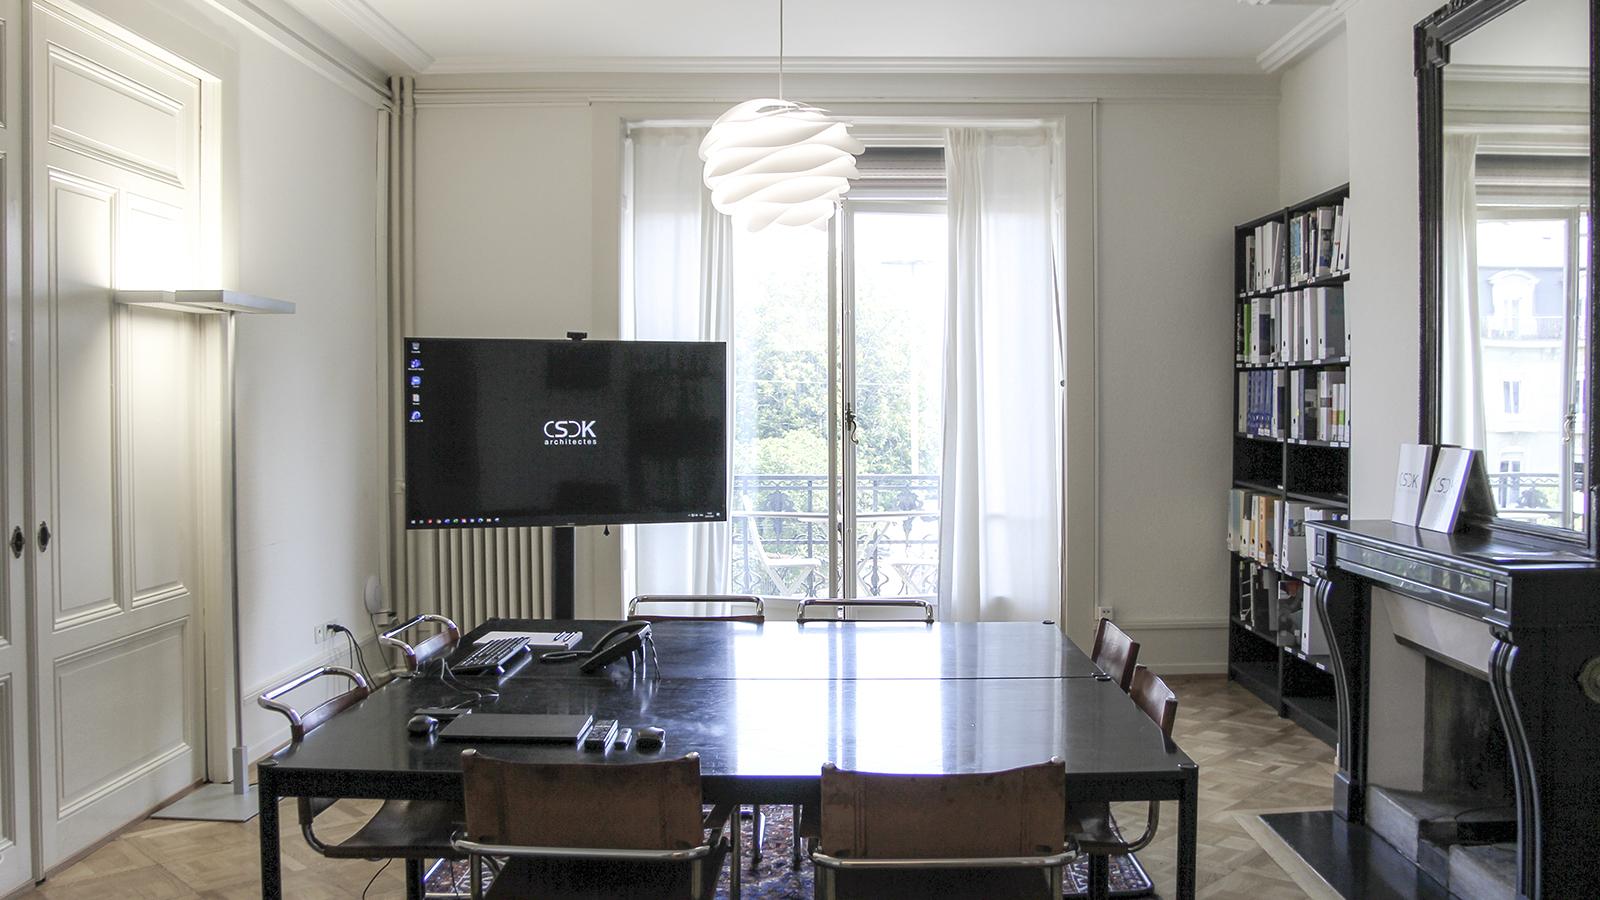 CSDK Architectes Bureau Re%CC%81ame%CC%81nagements 03 - Réaménagement de nos bureaux - CSDK Architectes Bureau Re%CC%81ame%CC%81nagements 03